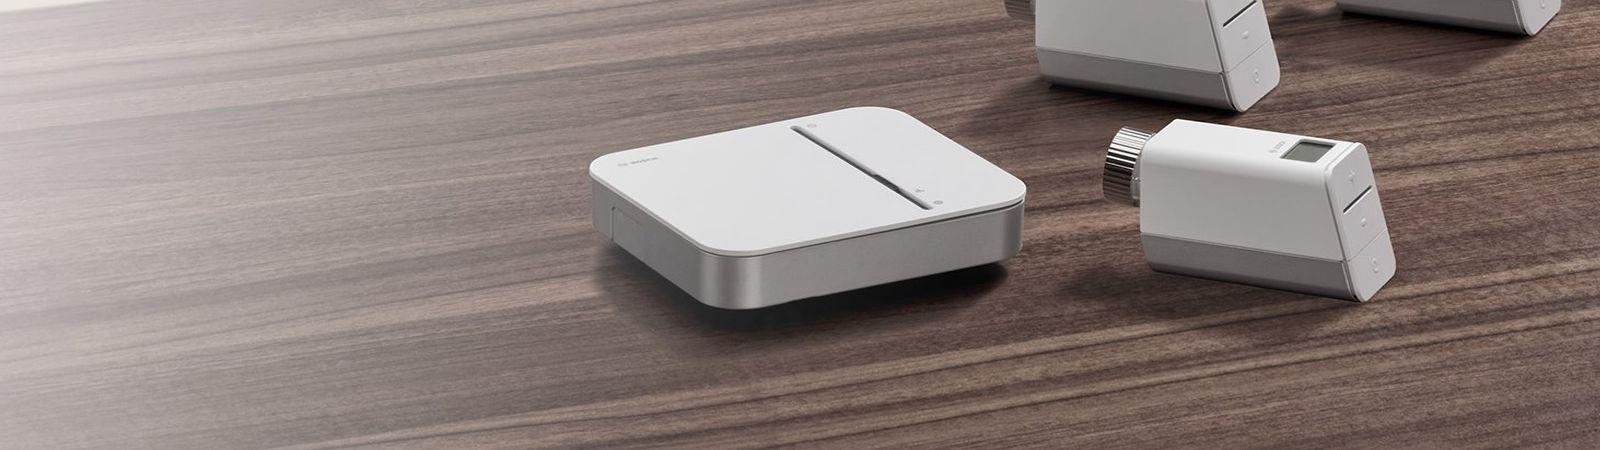 Smart Home Gerate Komfort Geniessen Und Energie Sparen